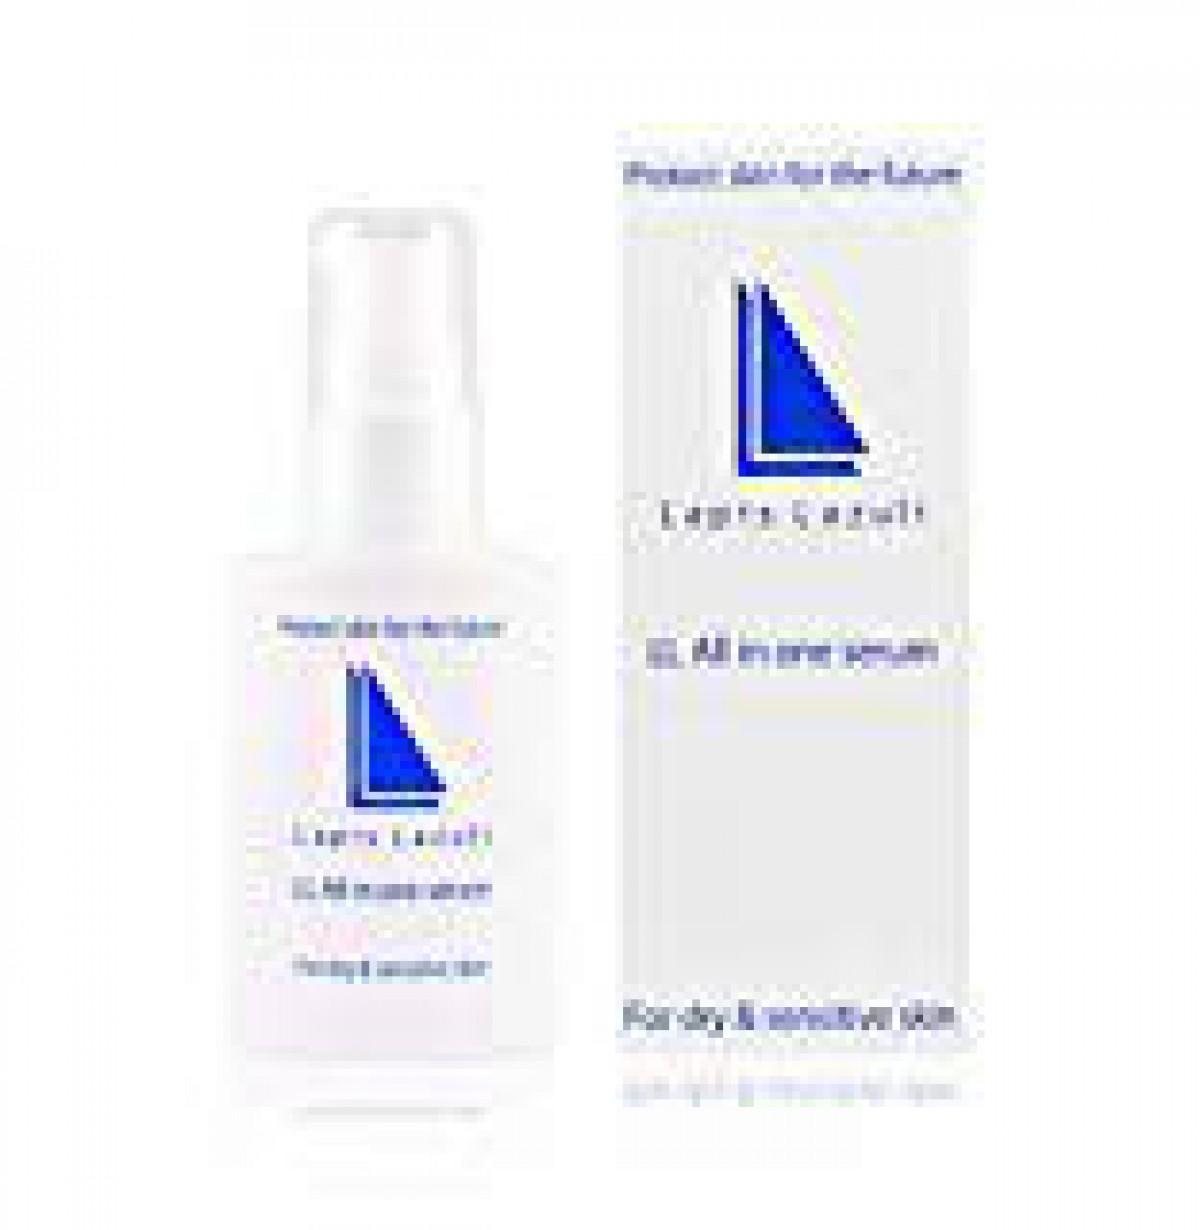 【使えるオールインワン】新たに挑戦したオールインワンアイテムで時短+肌状態上々|乾燥肌・敏感肌